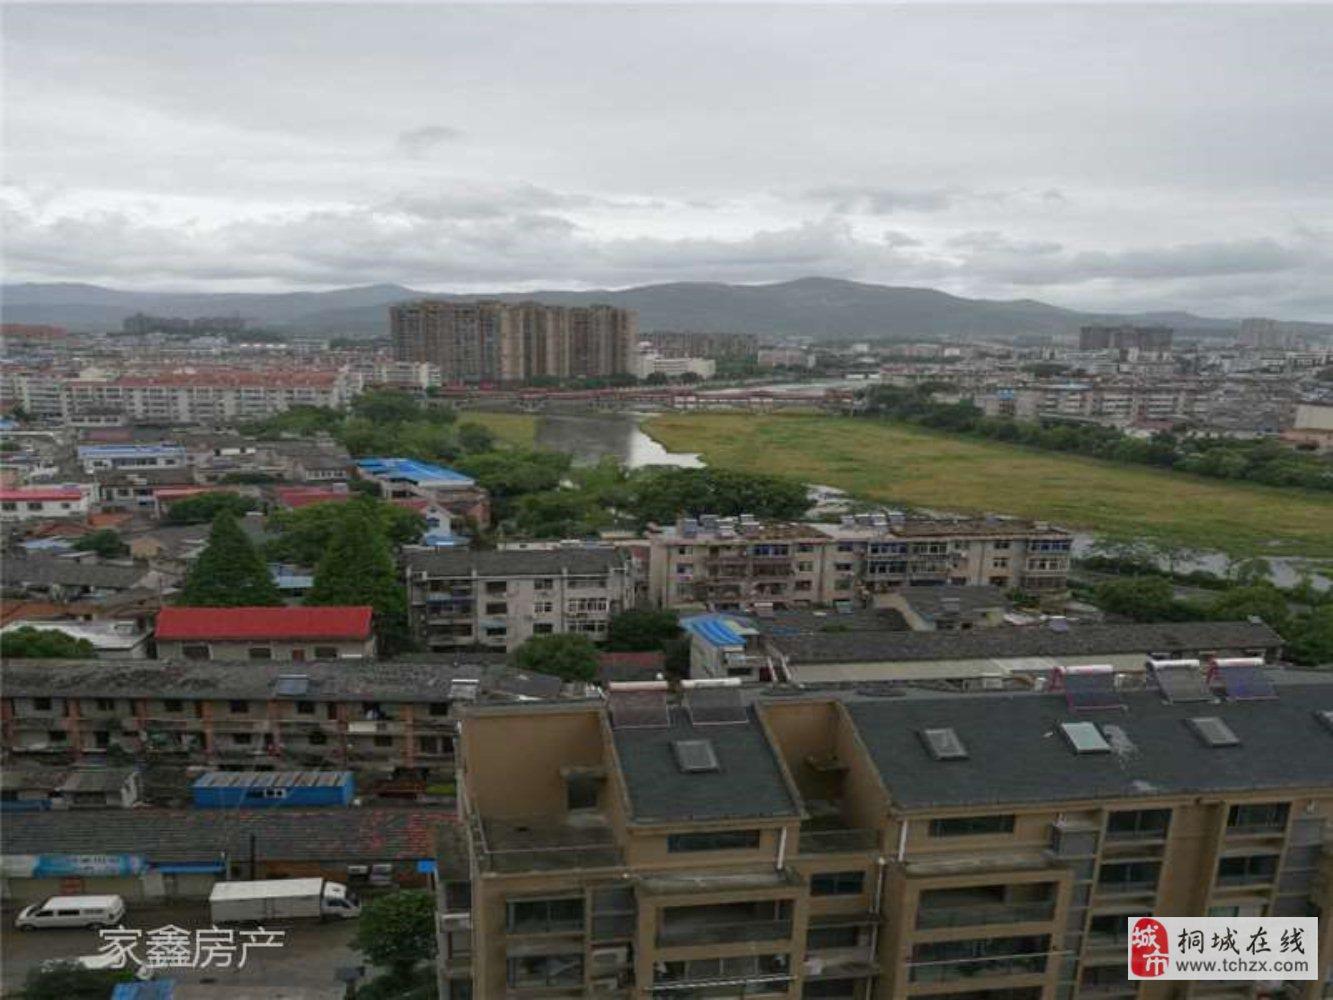 市中心位置~和平尚城~电梯大三房~低于市场价8万